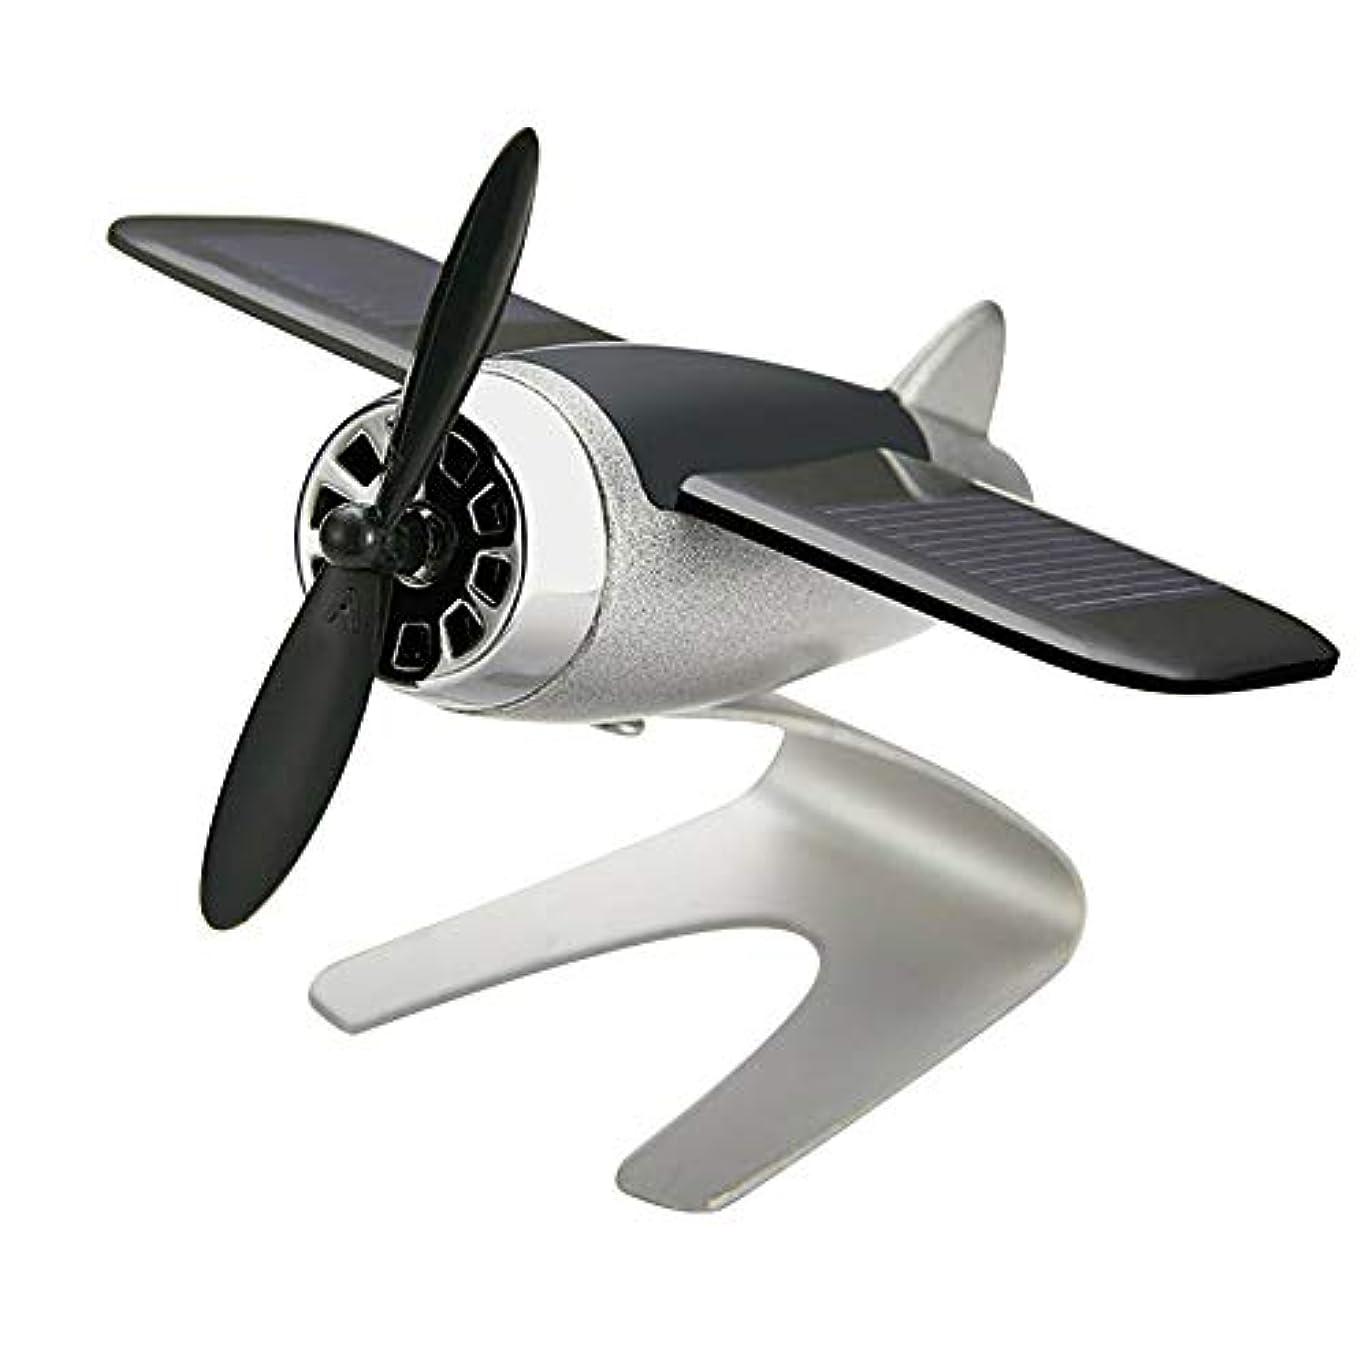 ジャンクバーガー宗教的なSymboat 車の芳香剤飛行機航空機モデル太陽エネルギーアロマテラピー室内装飾